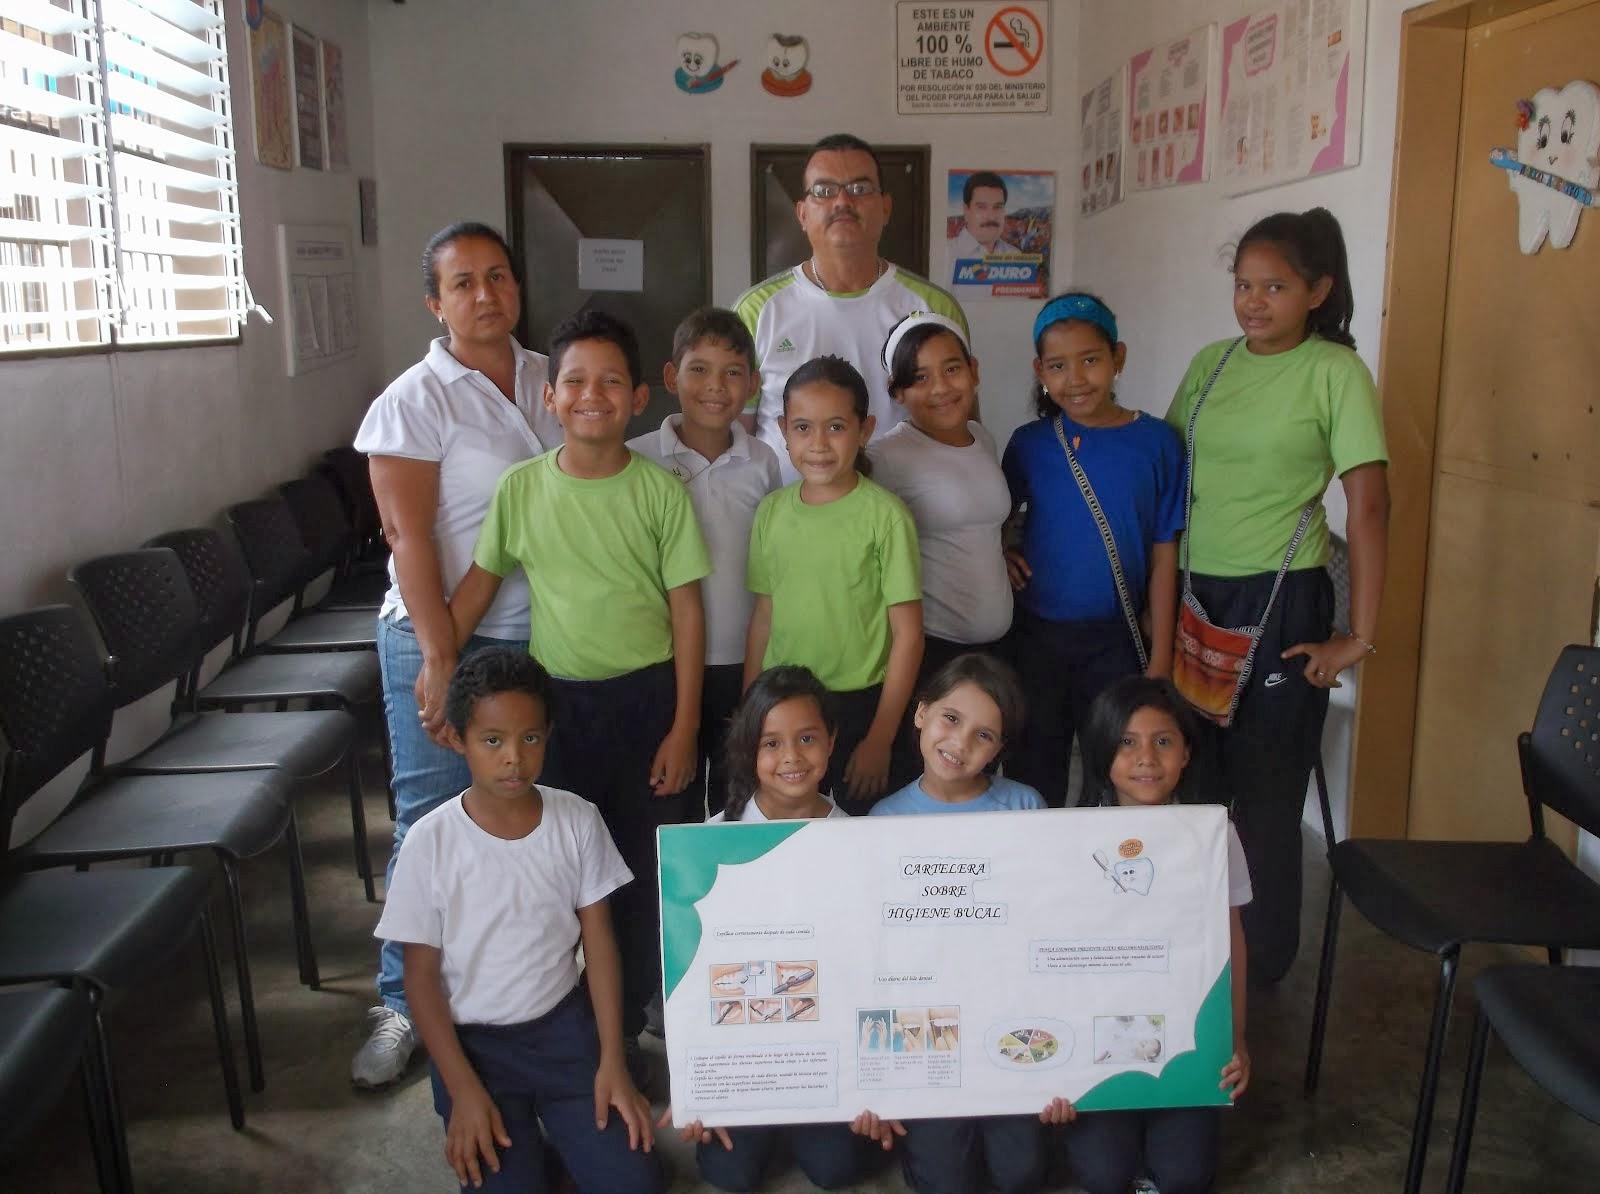 FOTO DE EVIDENCIAS PROYECTO DE ODONTOLOGIA DEL PROF.MIGUEL HERNANDEZ 05-02-2014